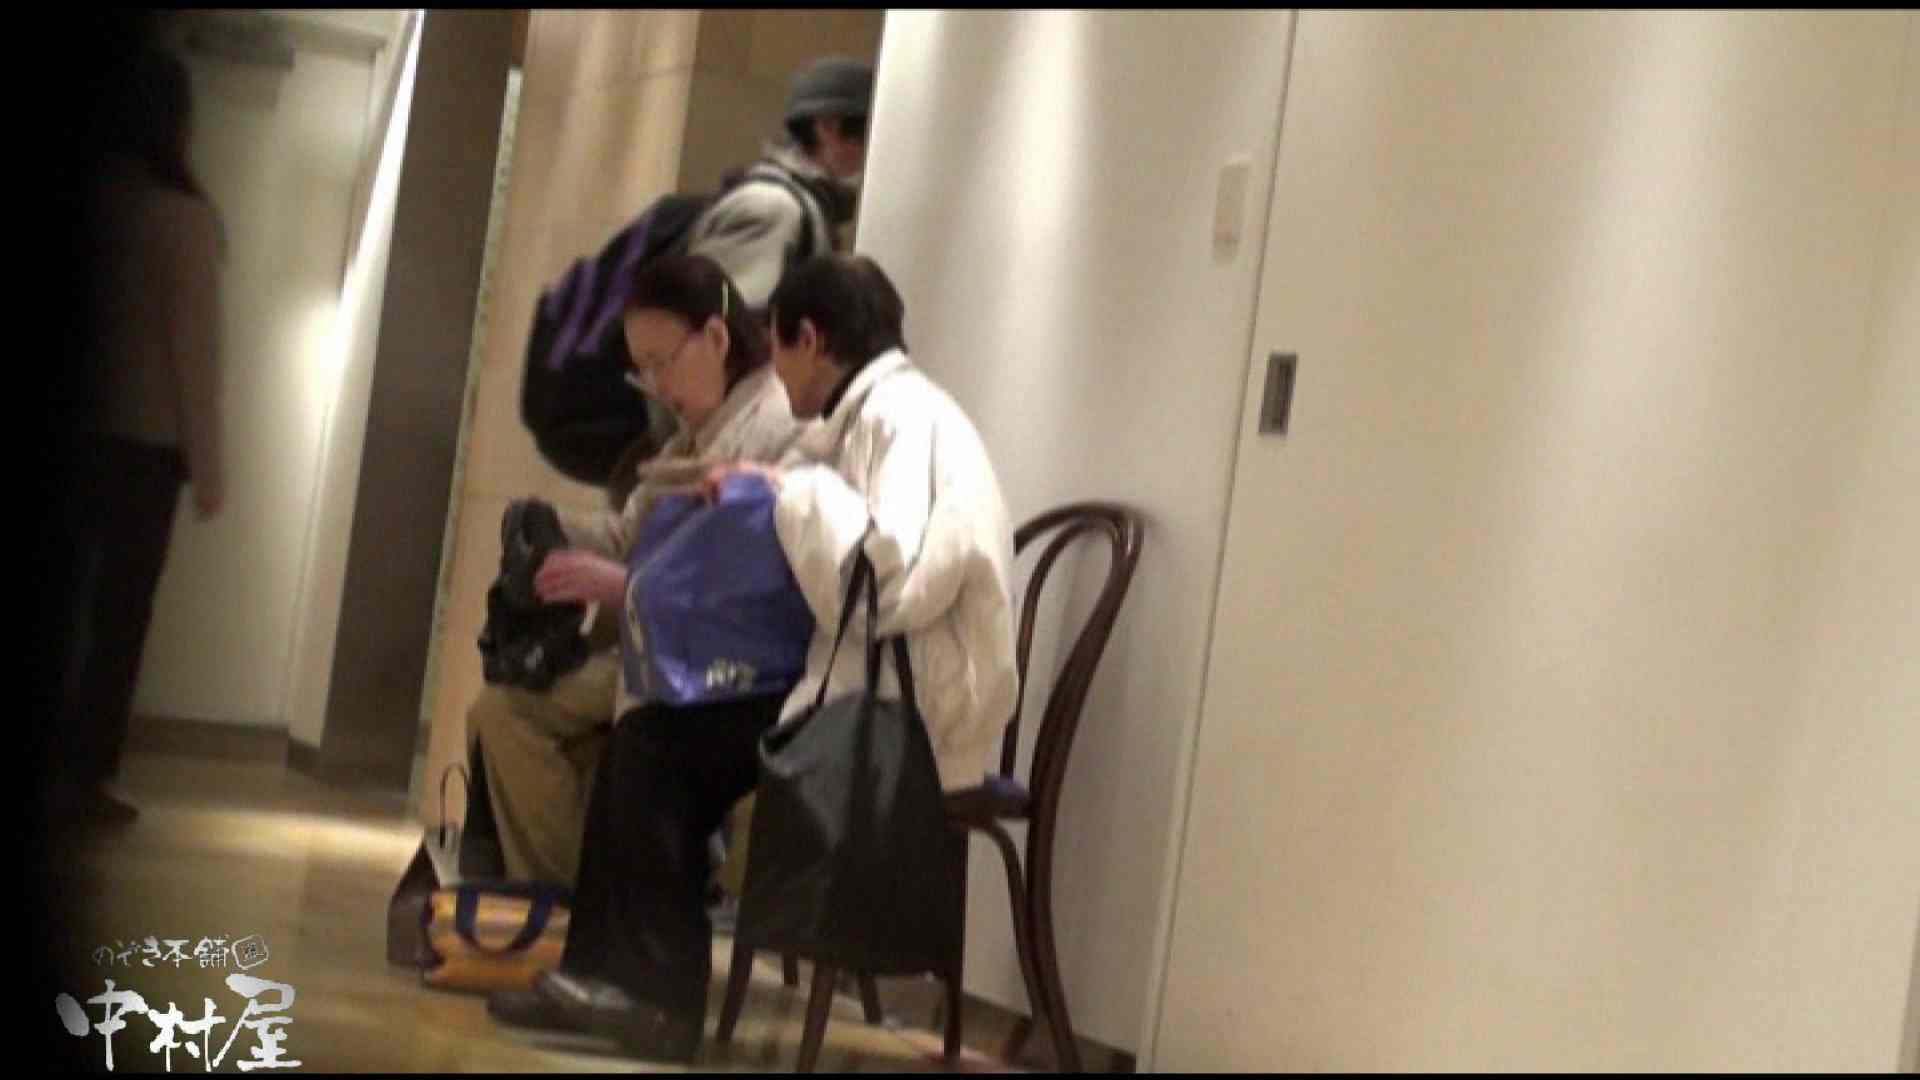 飛び出す黄金水!!!アトレ潜入 かわや盗撮 vol.02 潜入 盗撮エロ画像 92連発 31